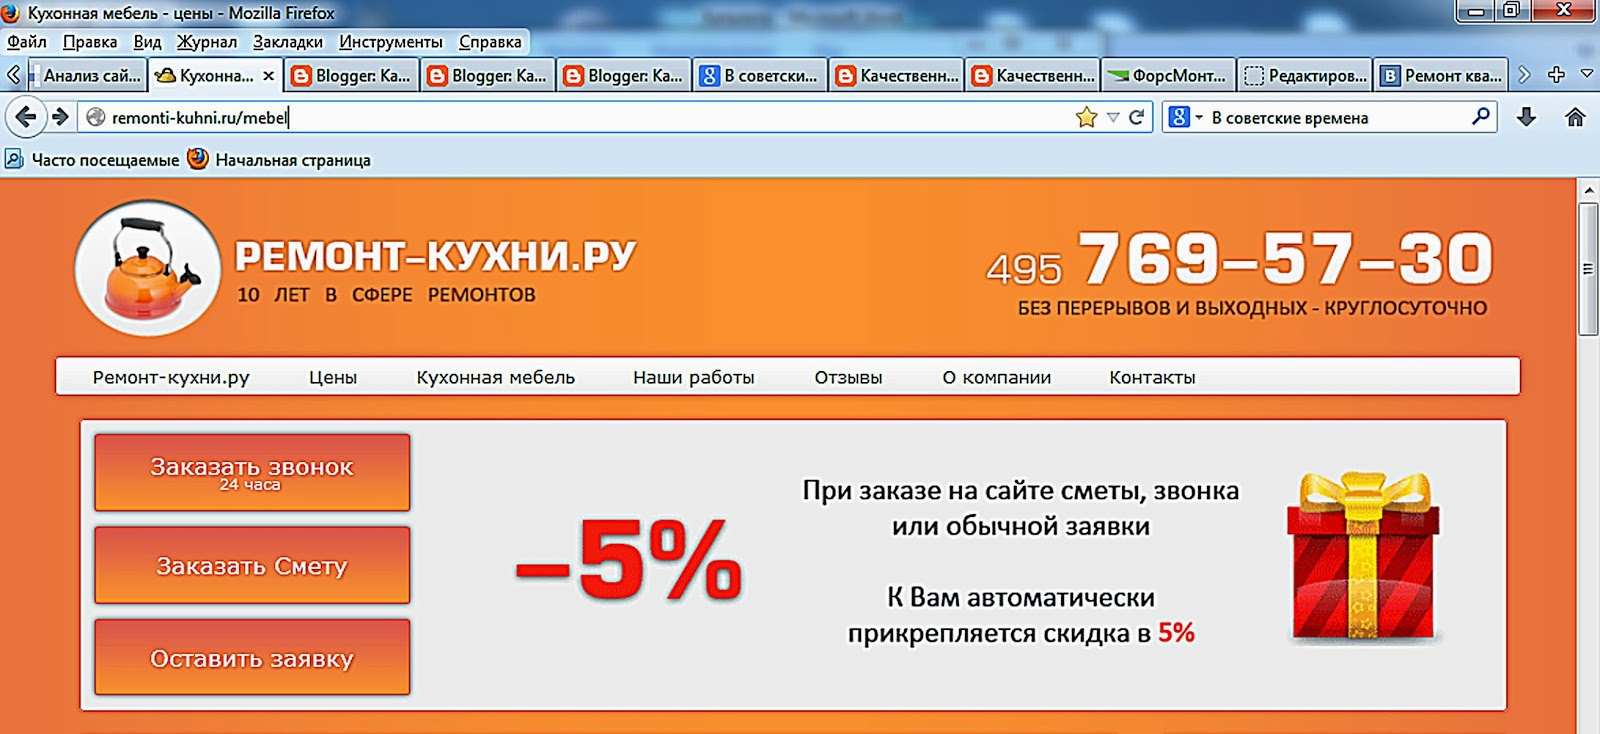 Ремонт и отделка помещений в Москве - услуги по отделке